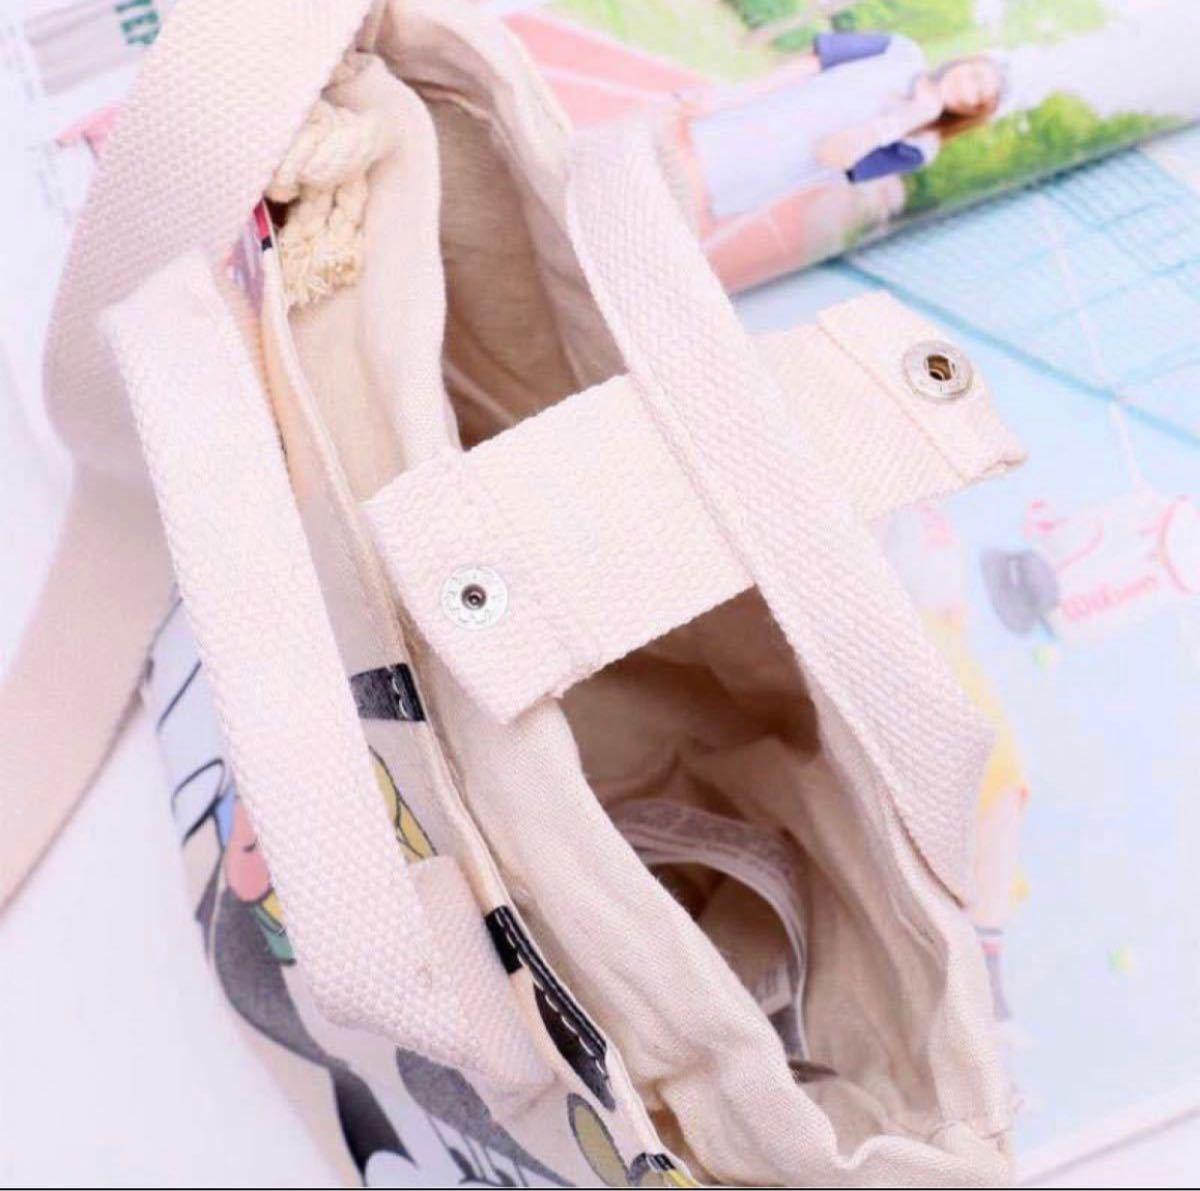 ショルダーバッグ ハンドバッグ ミニバッグ 可愛い 厚手キャンバス ミニバッグ